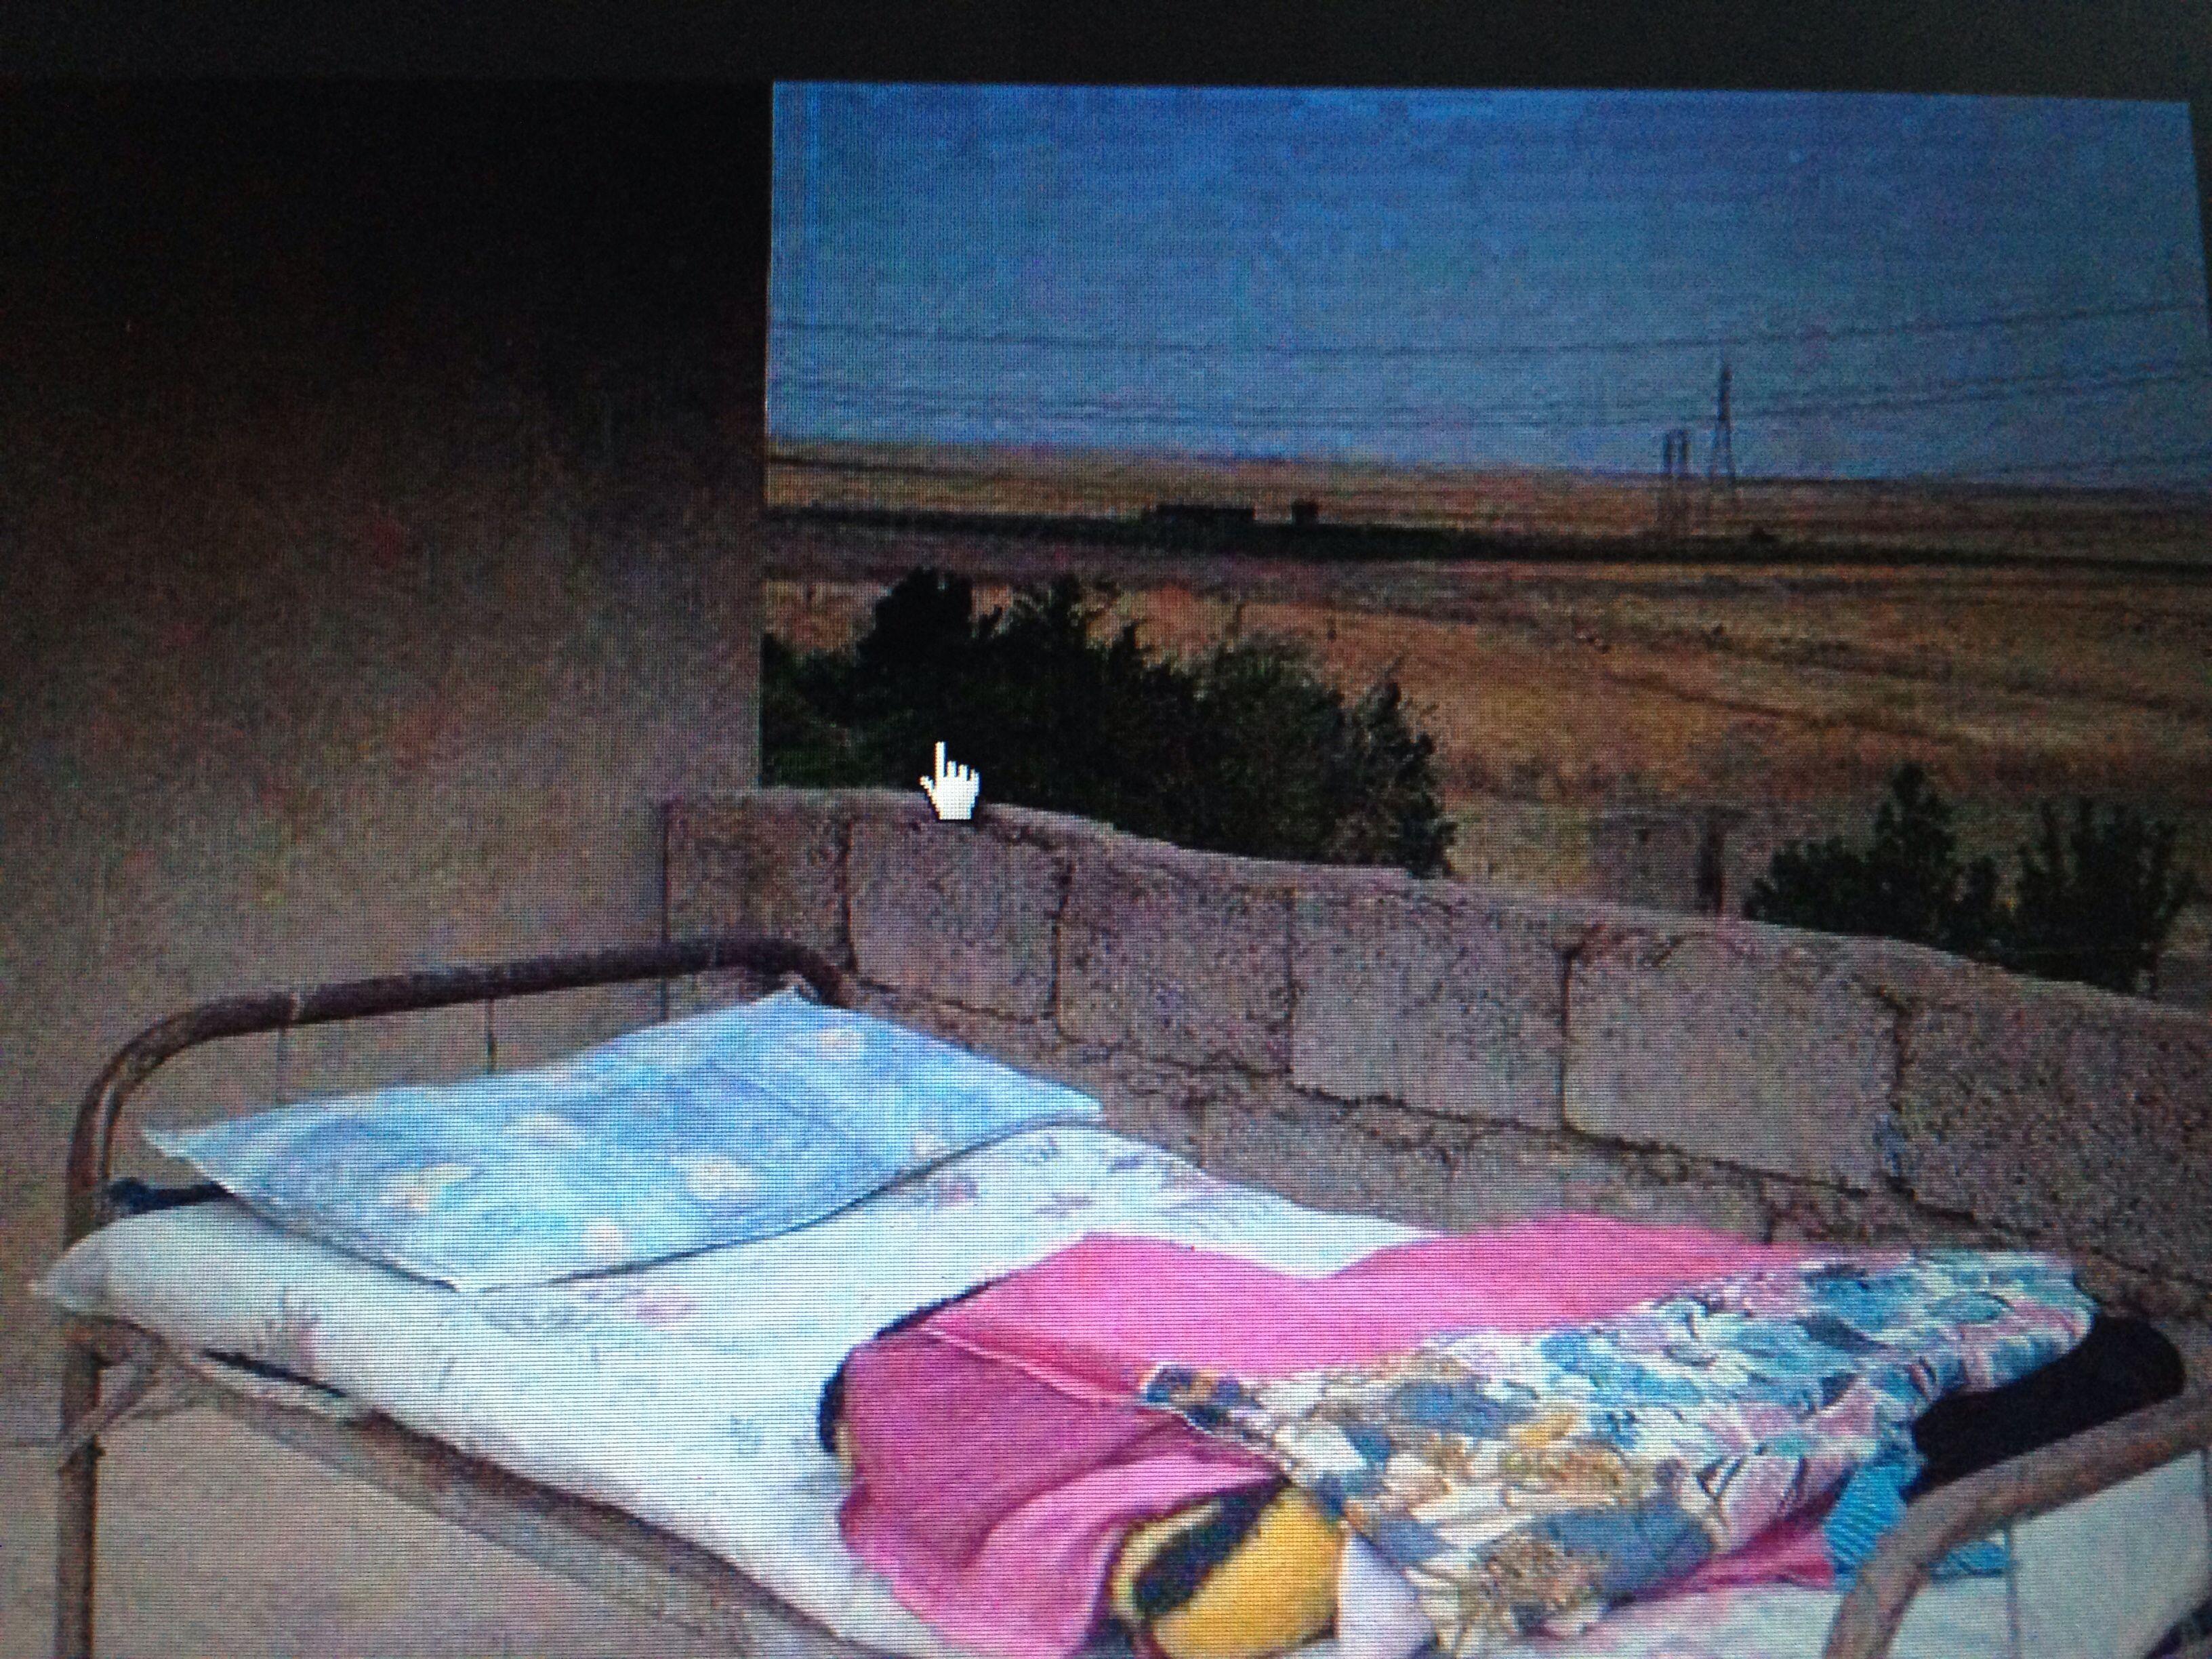 النوم علي السطح البيت كوردستان Toddler Bed Home Decor Decor